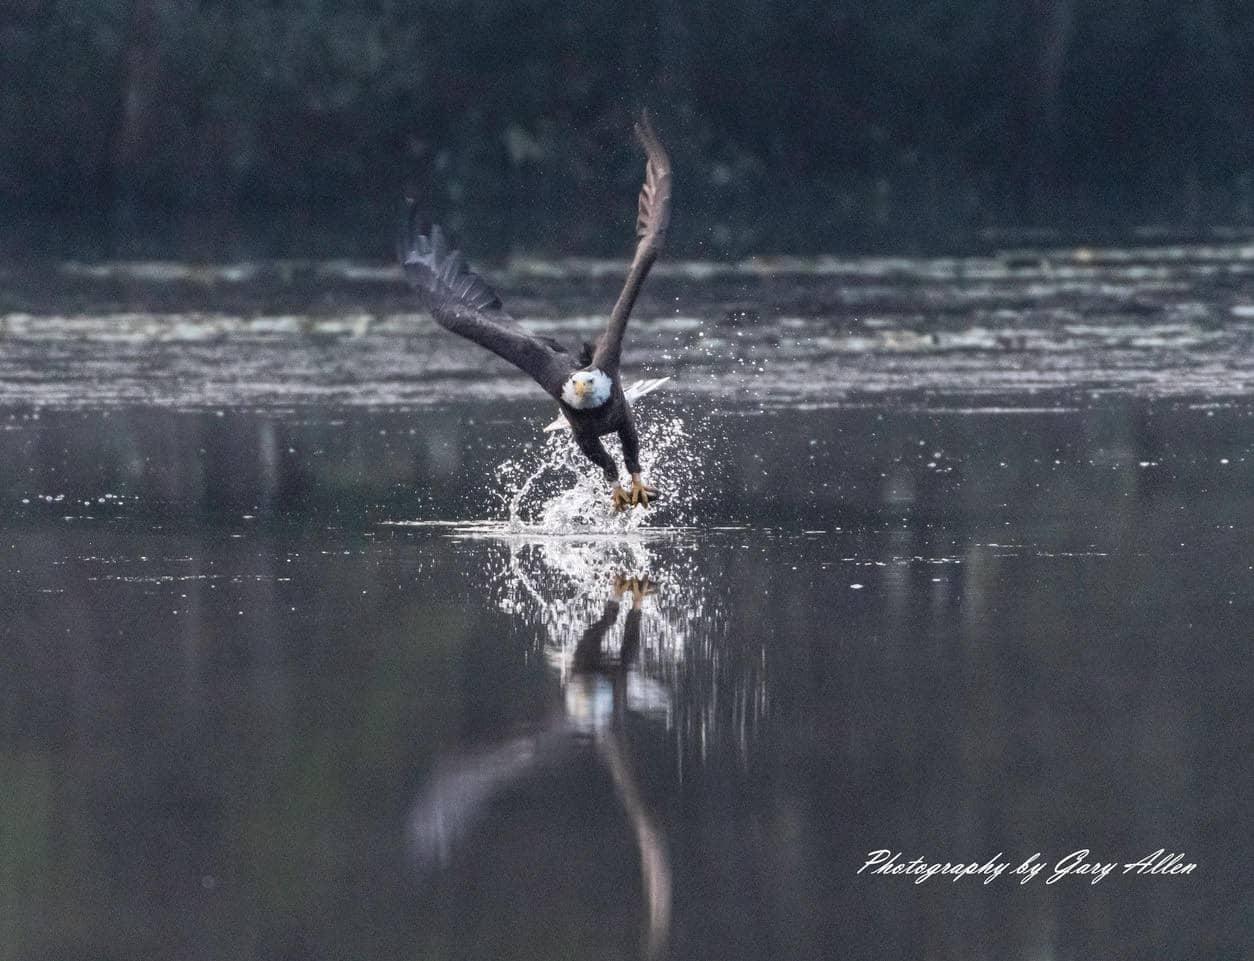 Follow Bird Photographer - Gary Allen